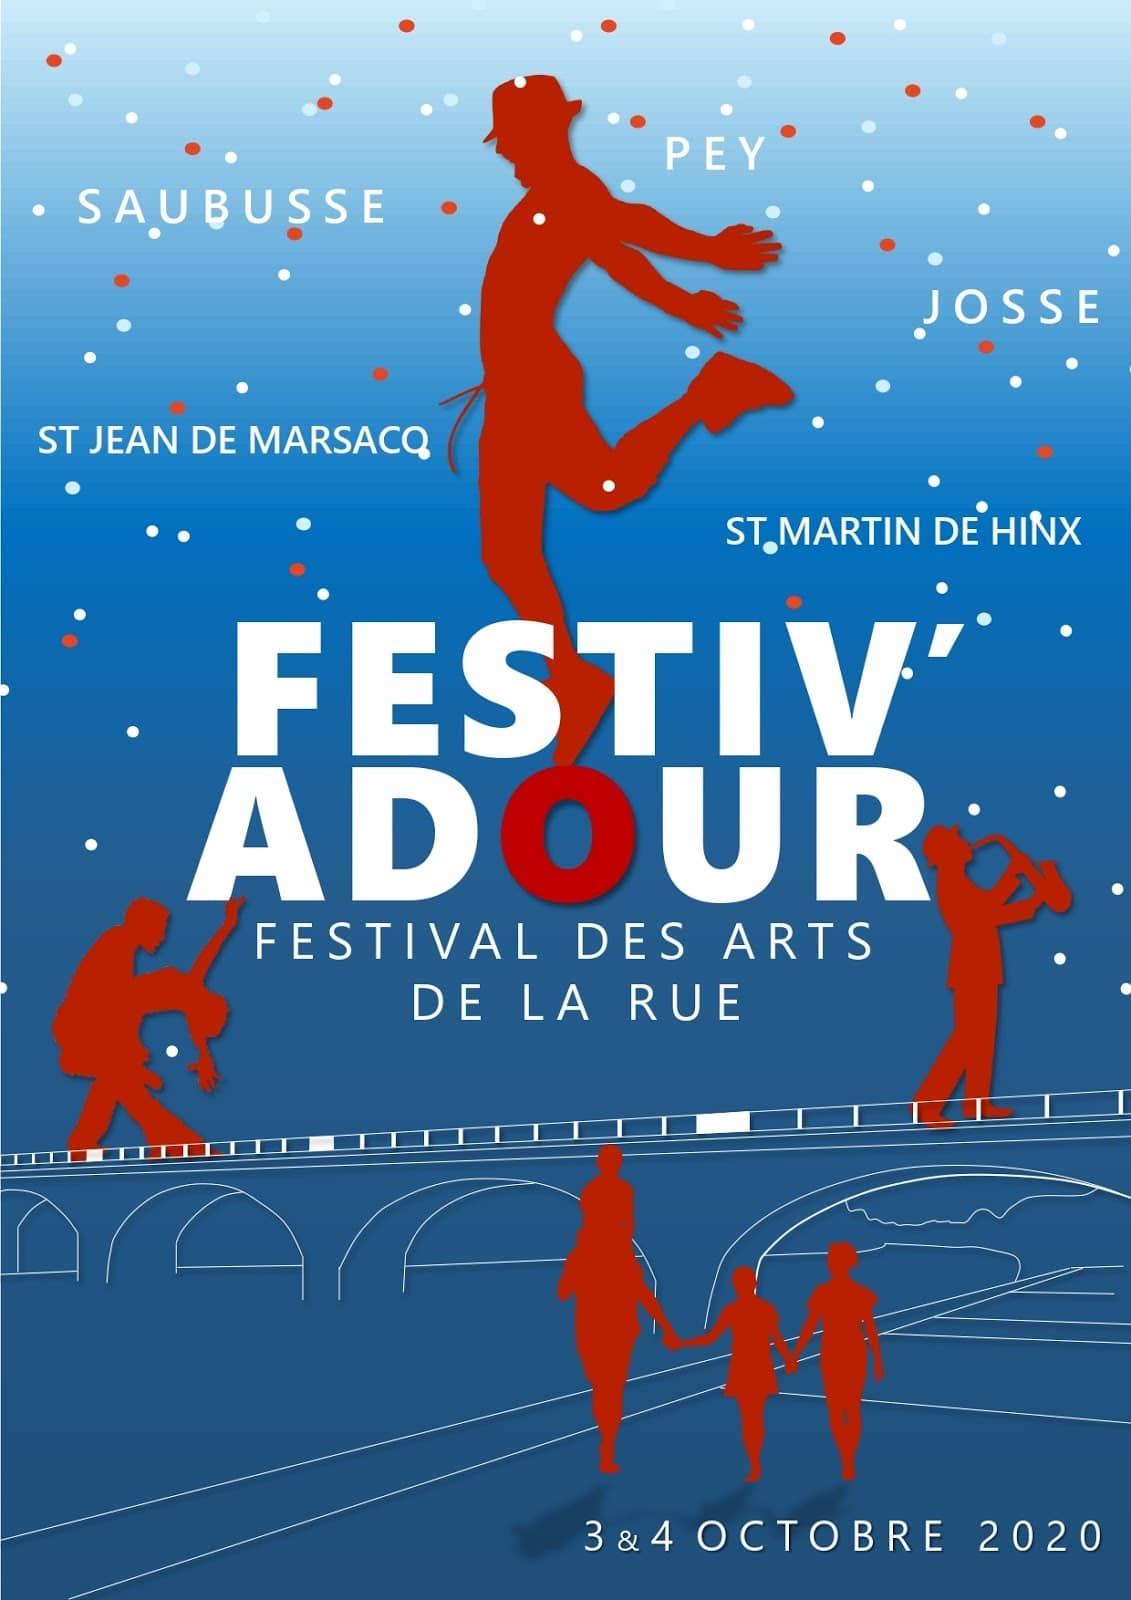 Festiv'Adour 2020